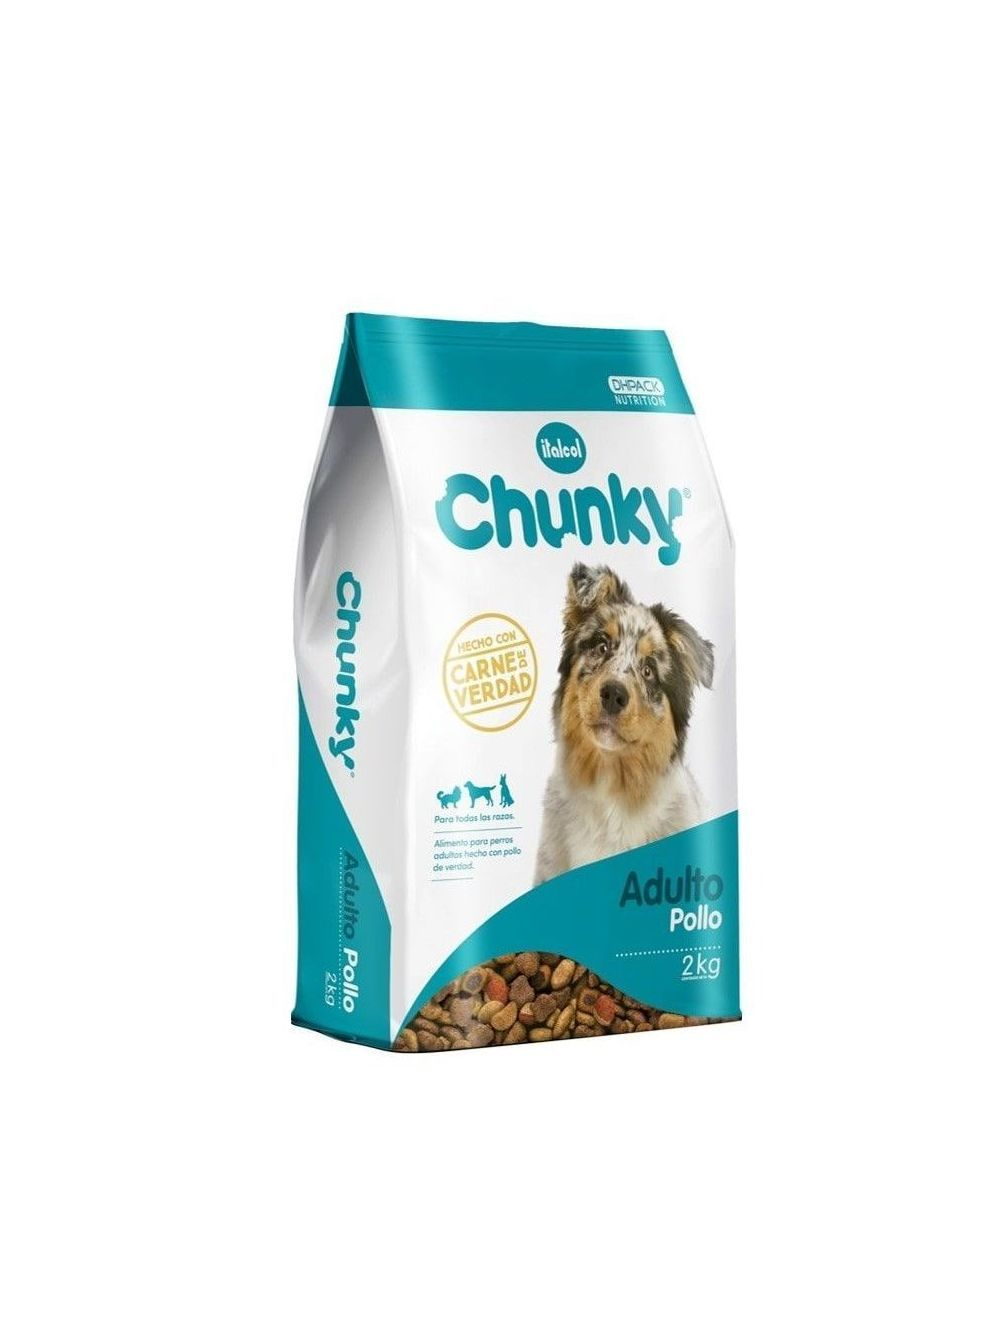 Comida para perro Chunky Adulto 4 kg - Ciudaddemascotas.com